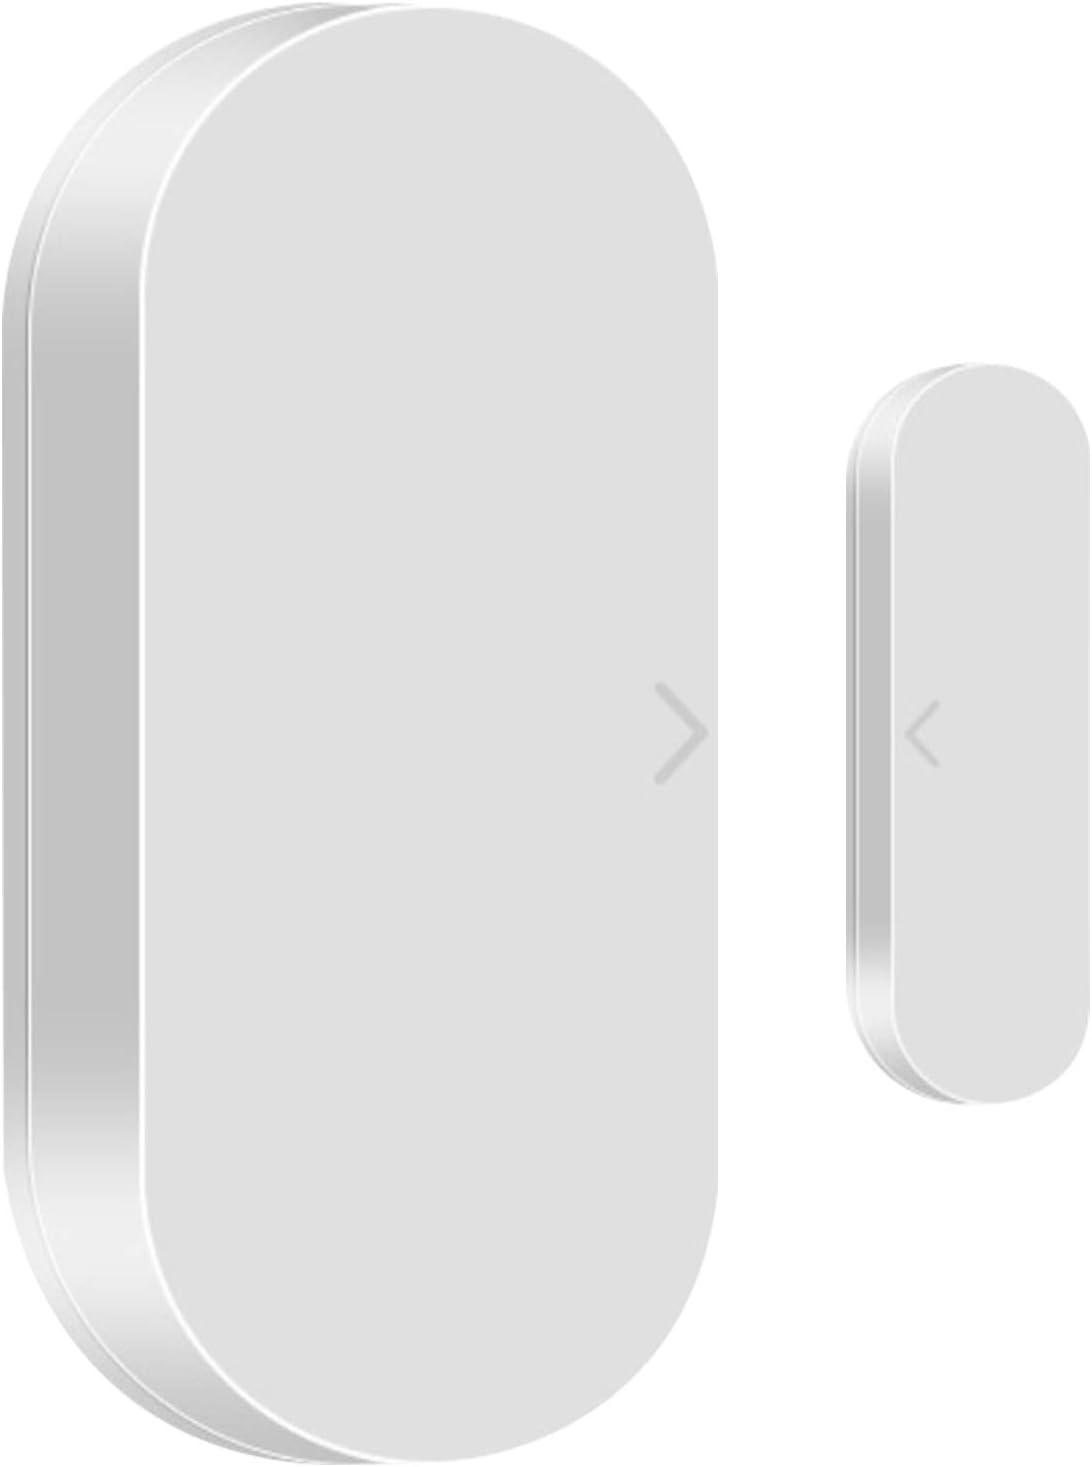 ZigBee - Sensor de puerta, alarma inalámbrica para ventana de puerta inteligente, alarma de seguridad inalámbrica, notificación remota, adecuada para ZigBee Home Automation -ZigBee